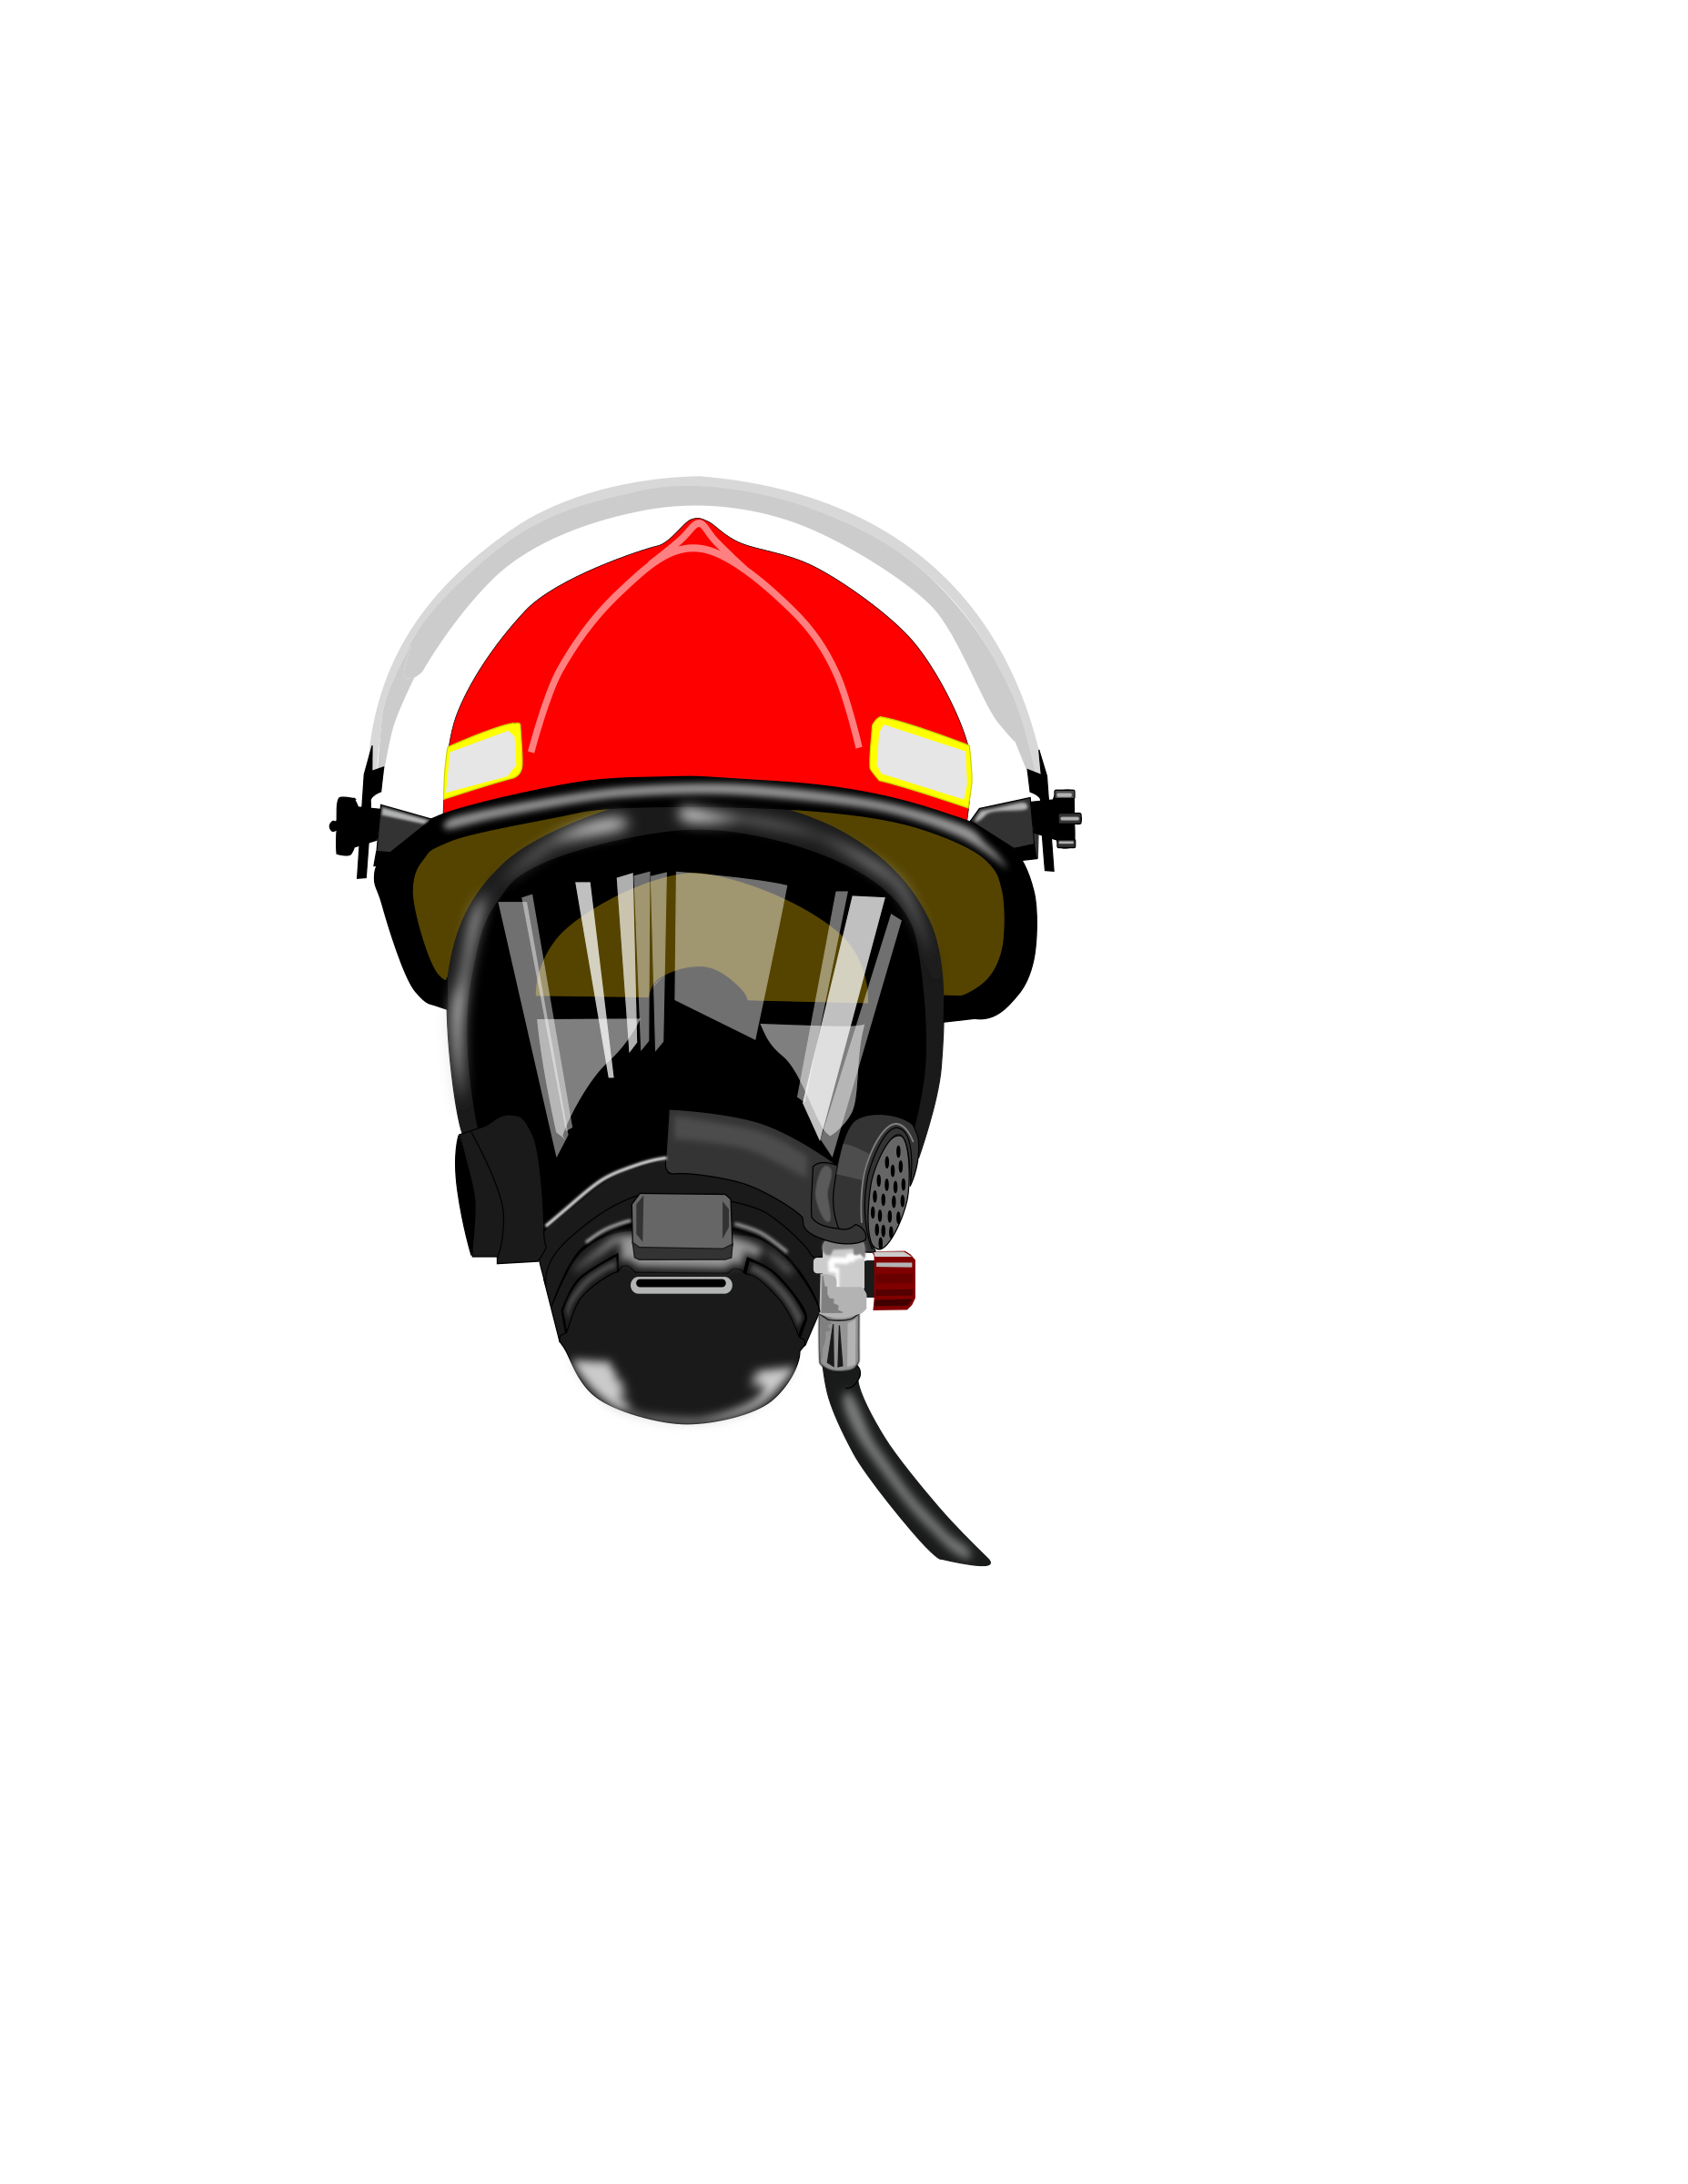 Fireman Helmet Clip Art - ClipArt Best